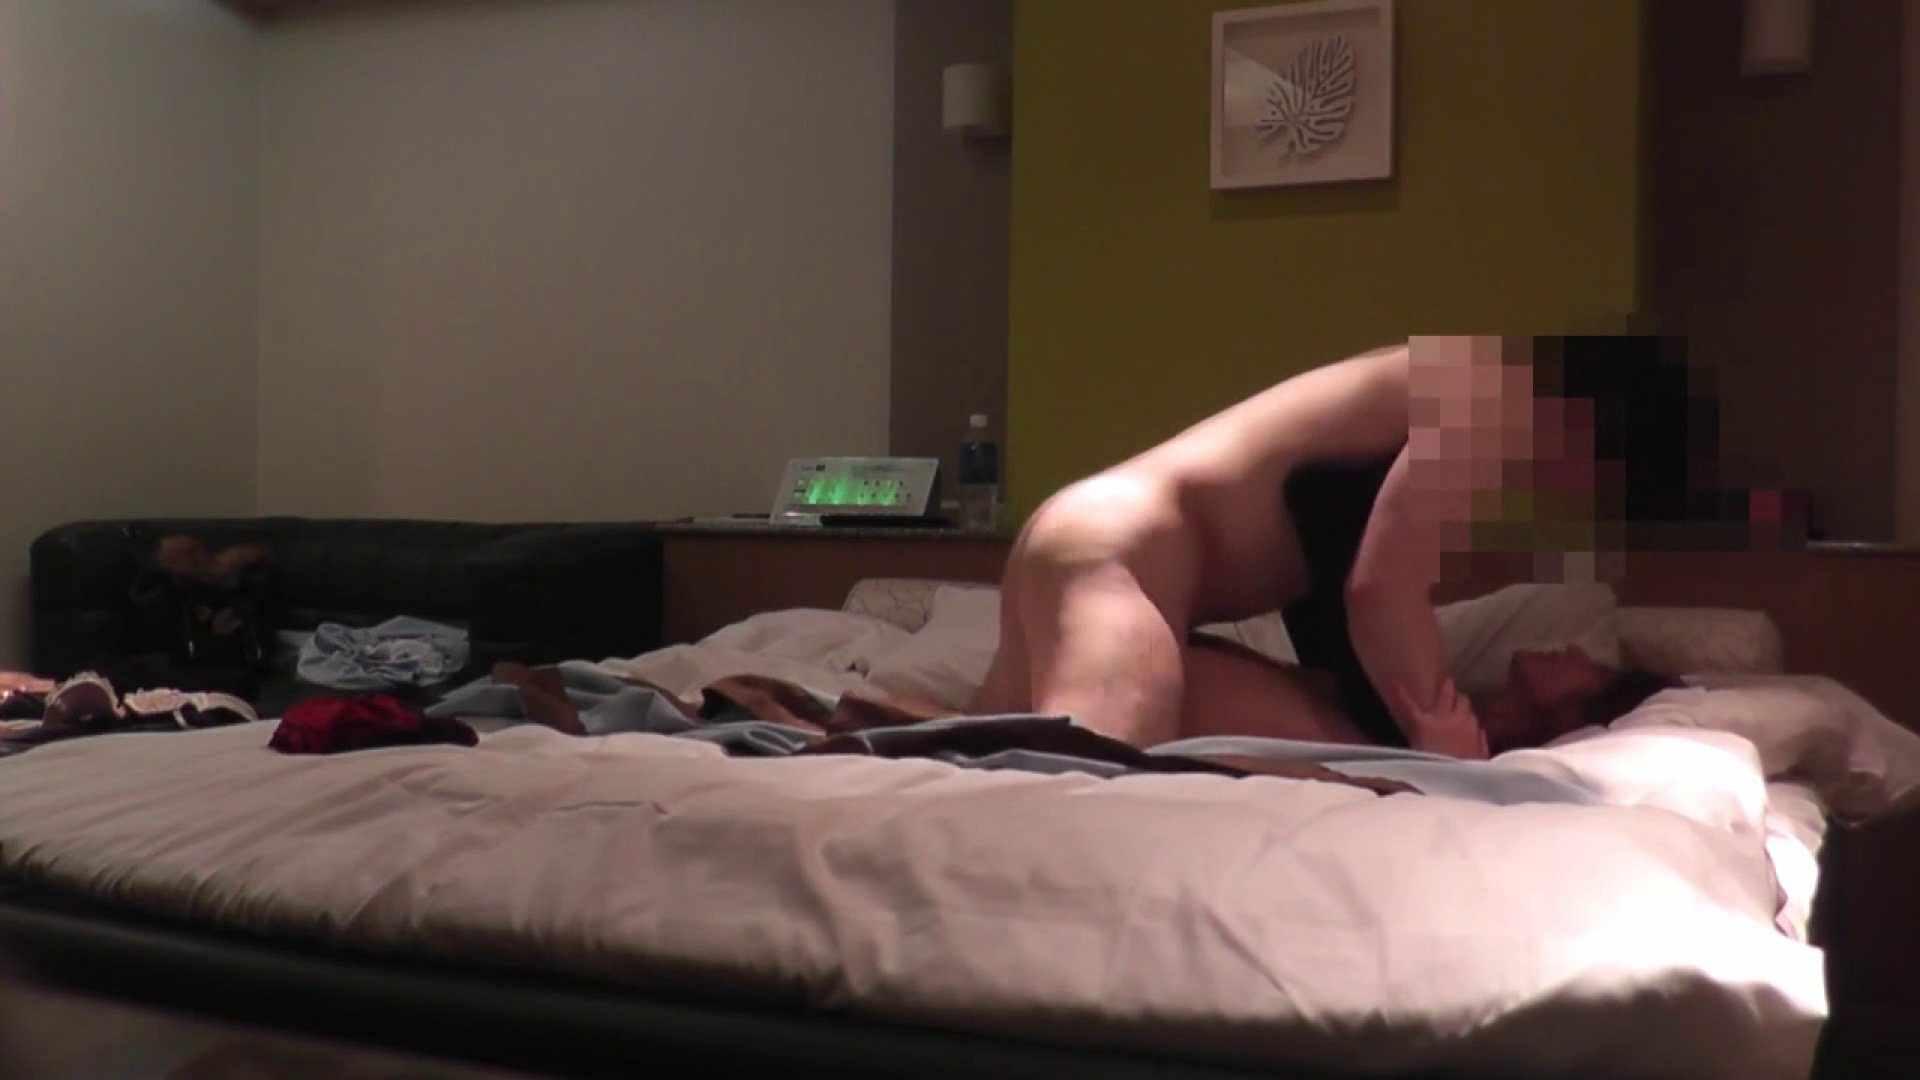 美女だらけのプライベートSEXvol.4 美女OL オマンコ無修正動画無料 71連発 54